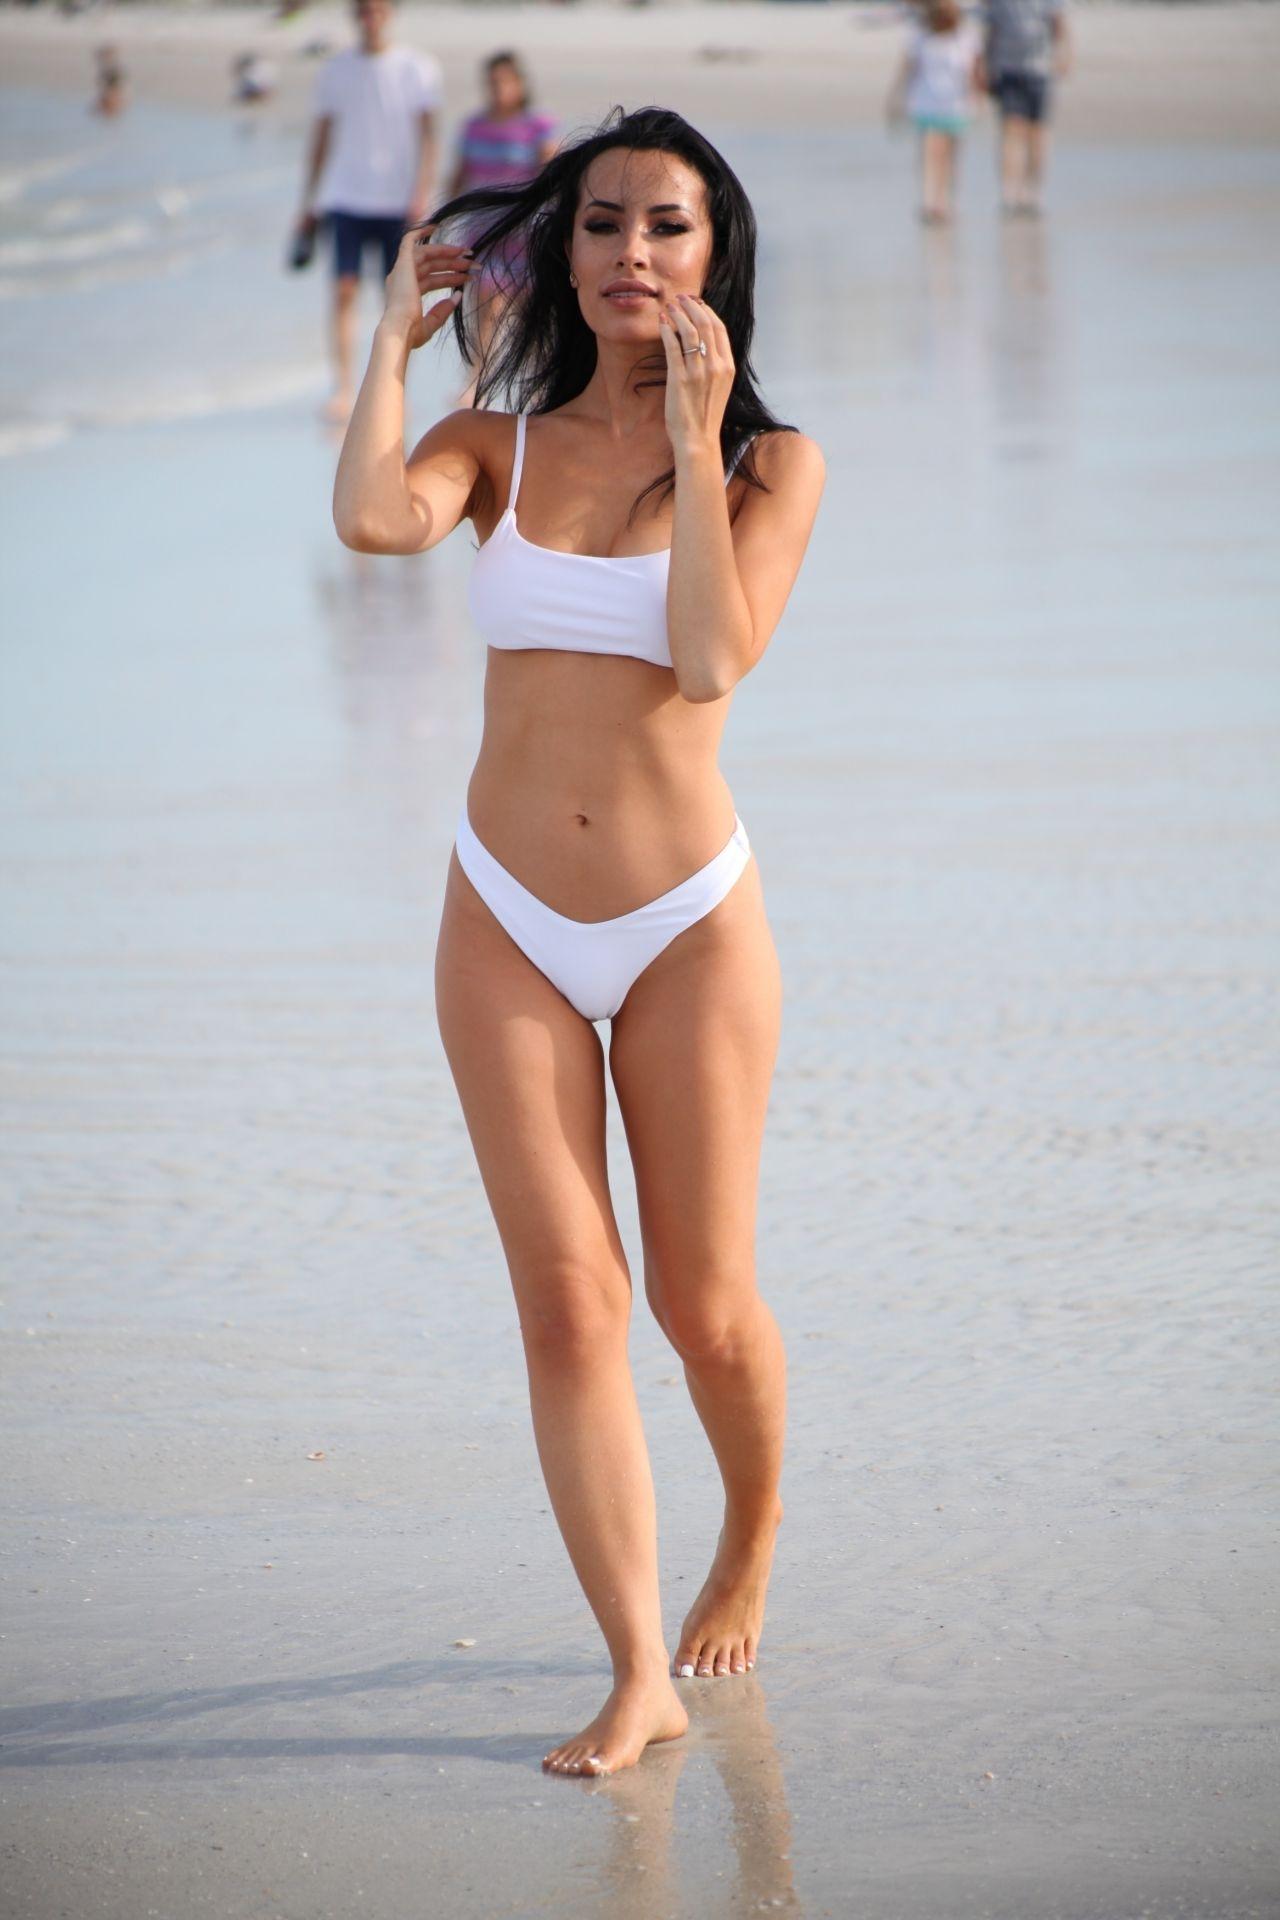 Fotos Lisa Opie nudes (13 photos), Ass, Hot, Boobs, butt 2017